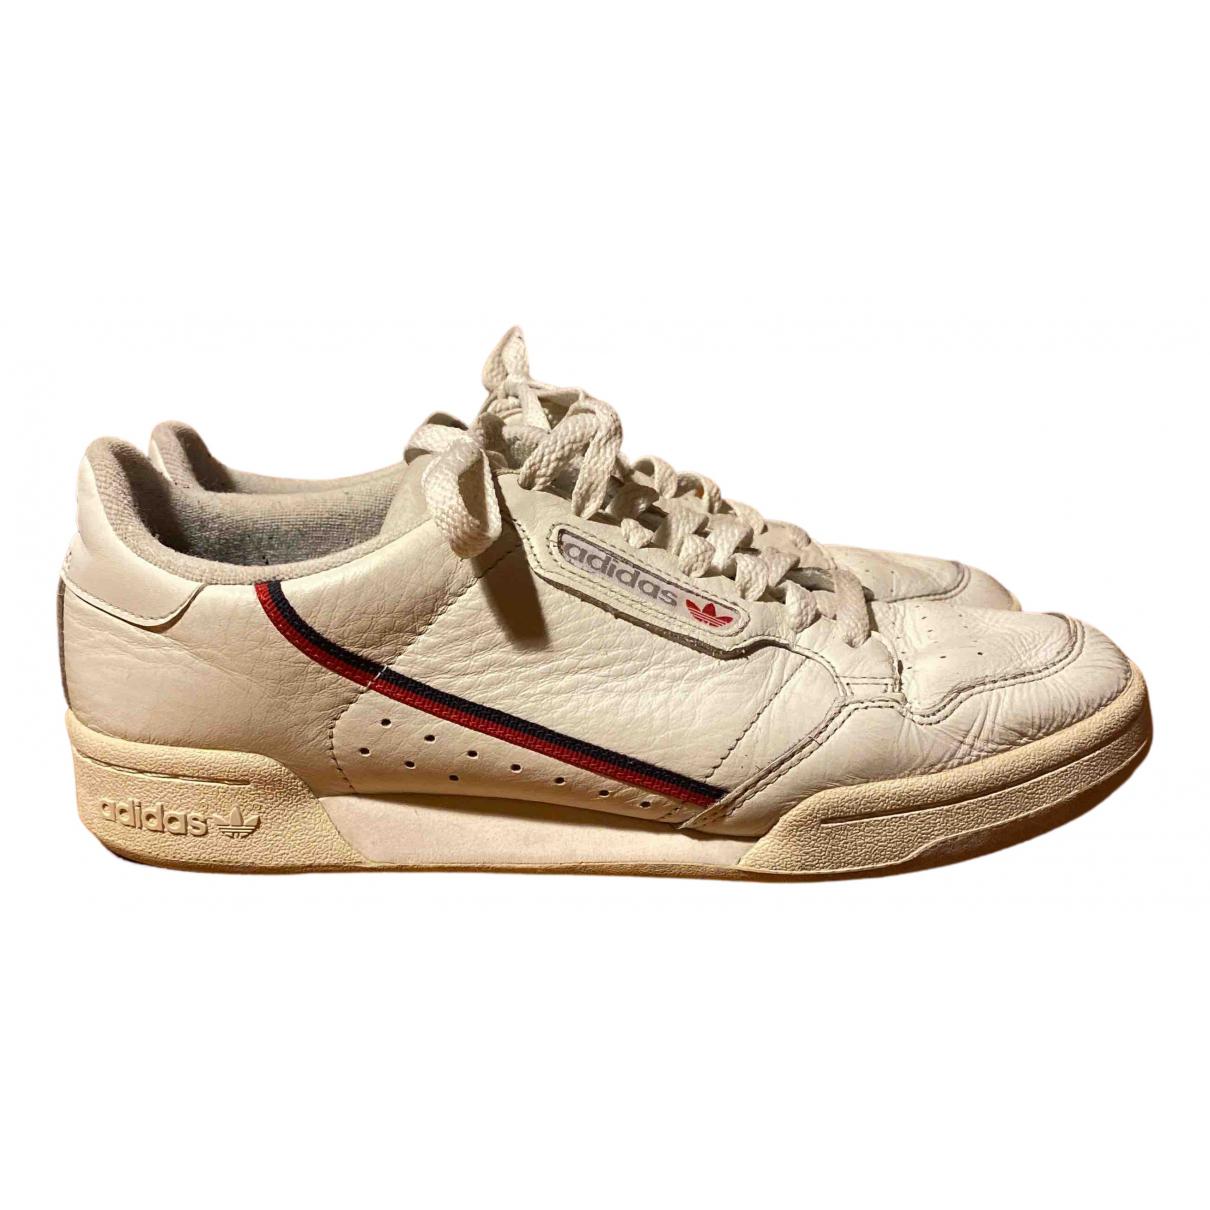 Adidas - Baskets Continental 80 pour homme en cuir - beige